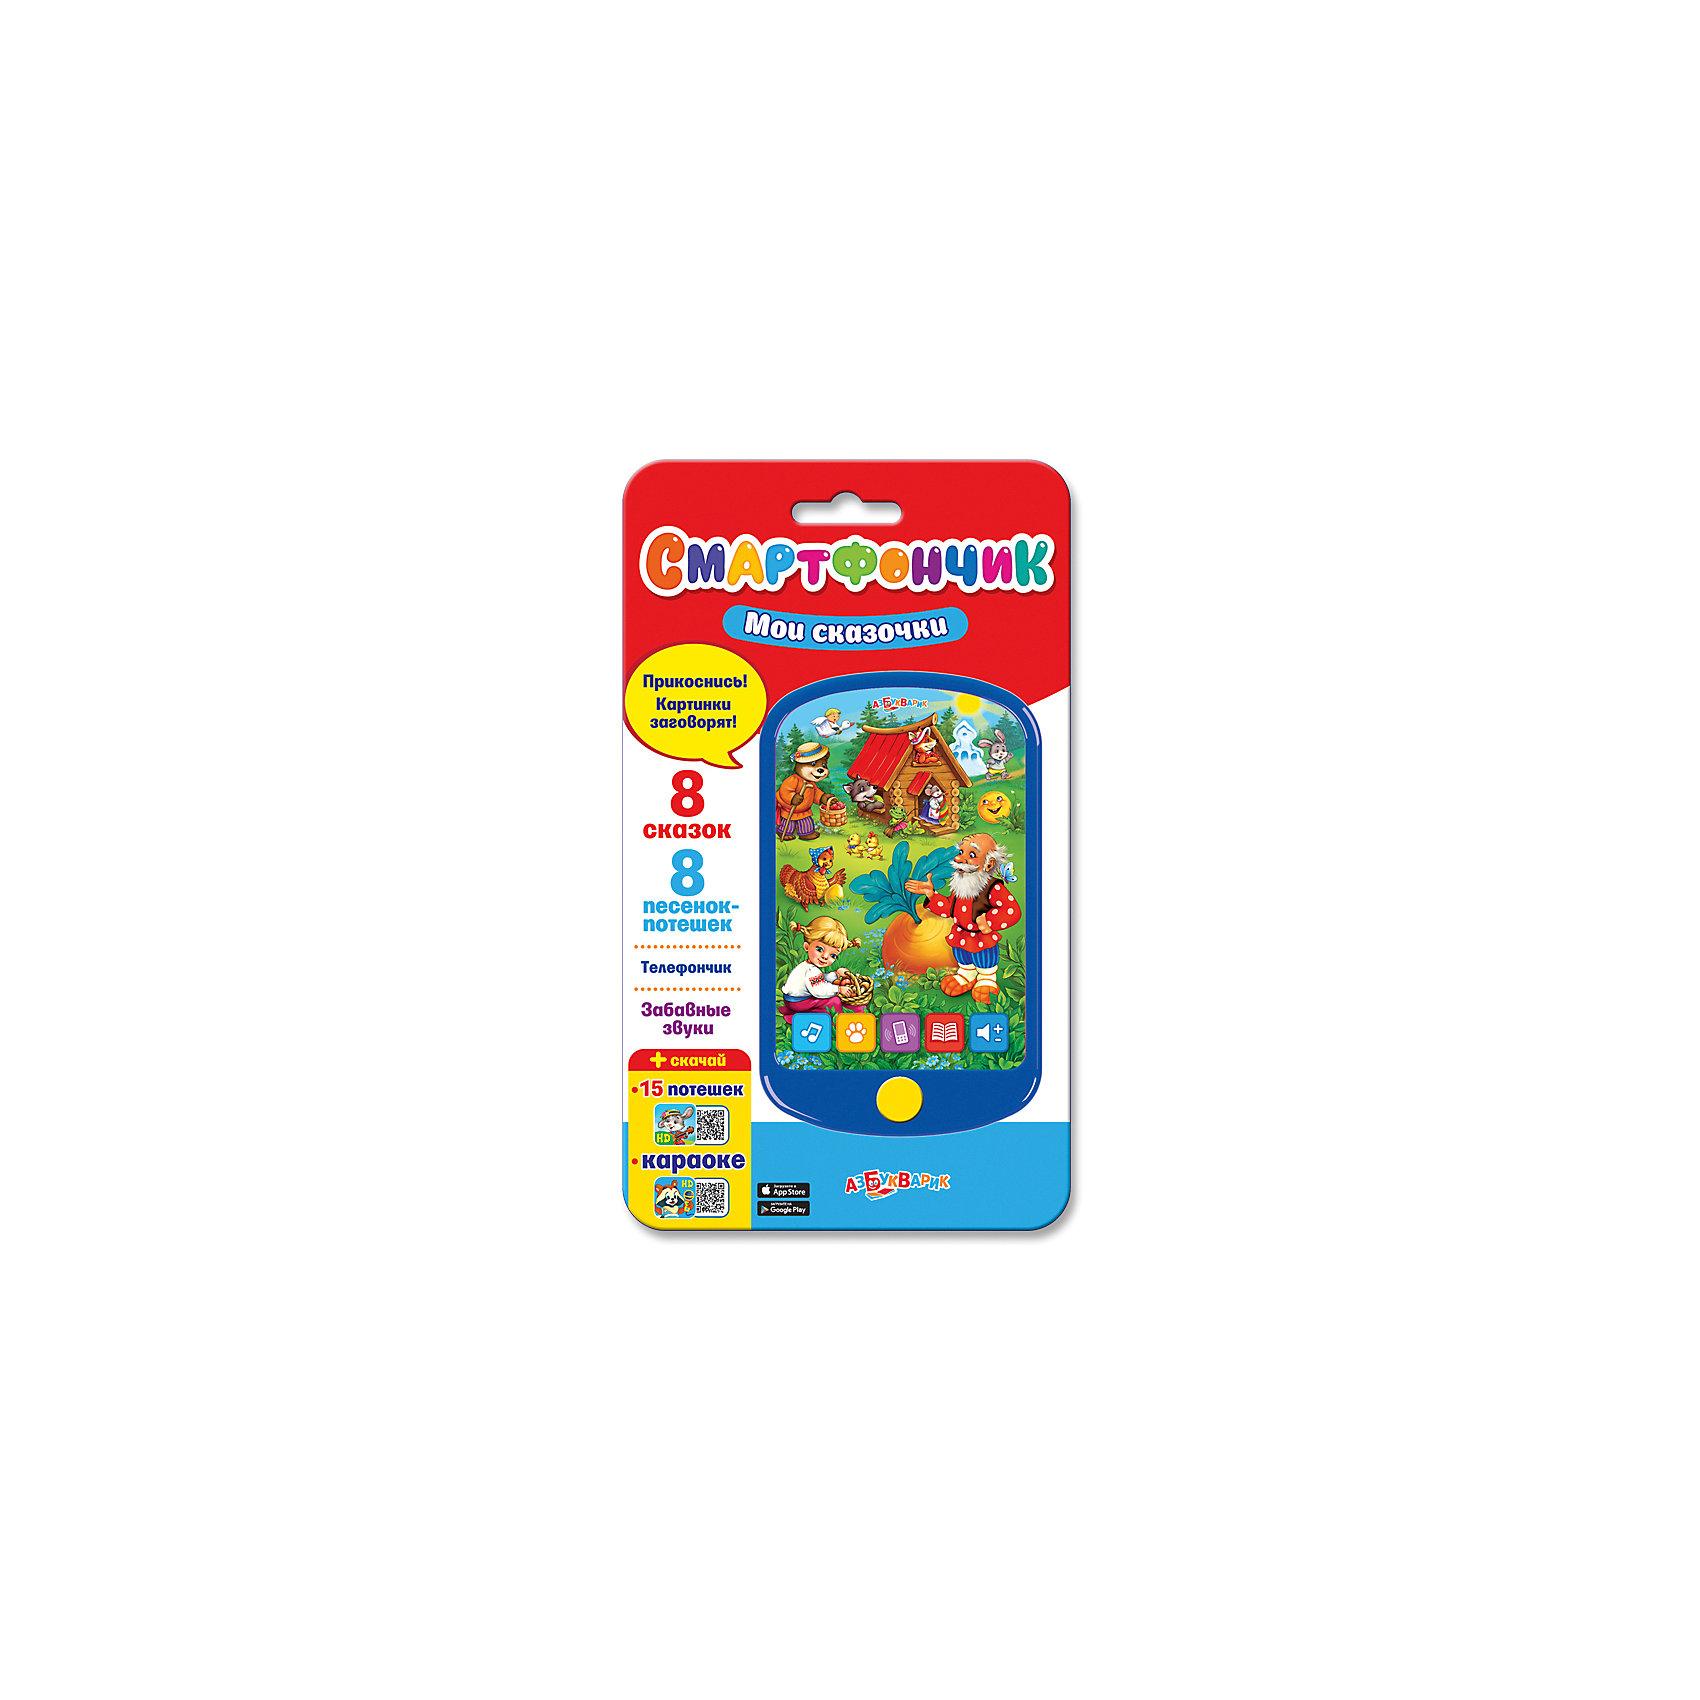 Широкий смартфончик Мои сказочки, АзбукварикХарактеристики товара:<br><br>• цвет: разноцветный<br>• размер упаковки: 23 х 13 см<br>• батарейки в комплекте: 3хAAA/LR0.3V (мизинчиковые).<br>• материал: пластик, металл.<br>• воспроизводит звуки, песни, сказки<br>• возраст: от трех лет<br>• есть регулировка звука<br>• страна бренда: РФ<br>• страна изготовитель: РФ<br><br>Познавать мир можно очень интересно! Такой смартфон станет отличным подарком ребенку - ведь с помощью него можно научиться раскрашивать картинки пальчиками. В набор входят альбом и наклейки, которые можно послушать смешные звуки, песни, интересные сказки!<br>Игра с такими смартфонами помогает детям развивать важные навыки и способности, она активизирует мышление, цветовосприятие, звуковосприятие, логику, мелкую моторику и воображение. Изделие производится из качественных и проверенных материалов, которые безопасны для детей.<br><br>Широкий смартфончик Мои мультяшки от бренда Азбукварик можно купить в нашем интернет-магазине.<br><br>Ширина мм: 13<br>Глубина мм: 22<br>Высота мм: 13<br>Вес г: 115<br>Возраст от месяцев: 24<br>Возраст до месяцев: 48<br>Пол: Унисекс<br>Возраст: Детский<br>SKU: 5200826